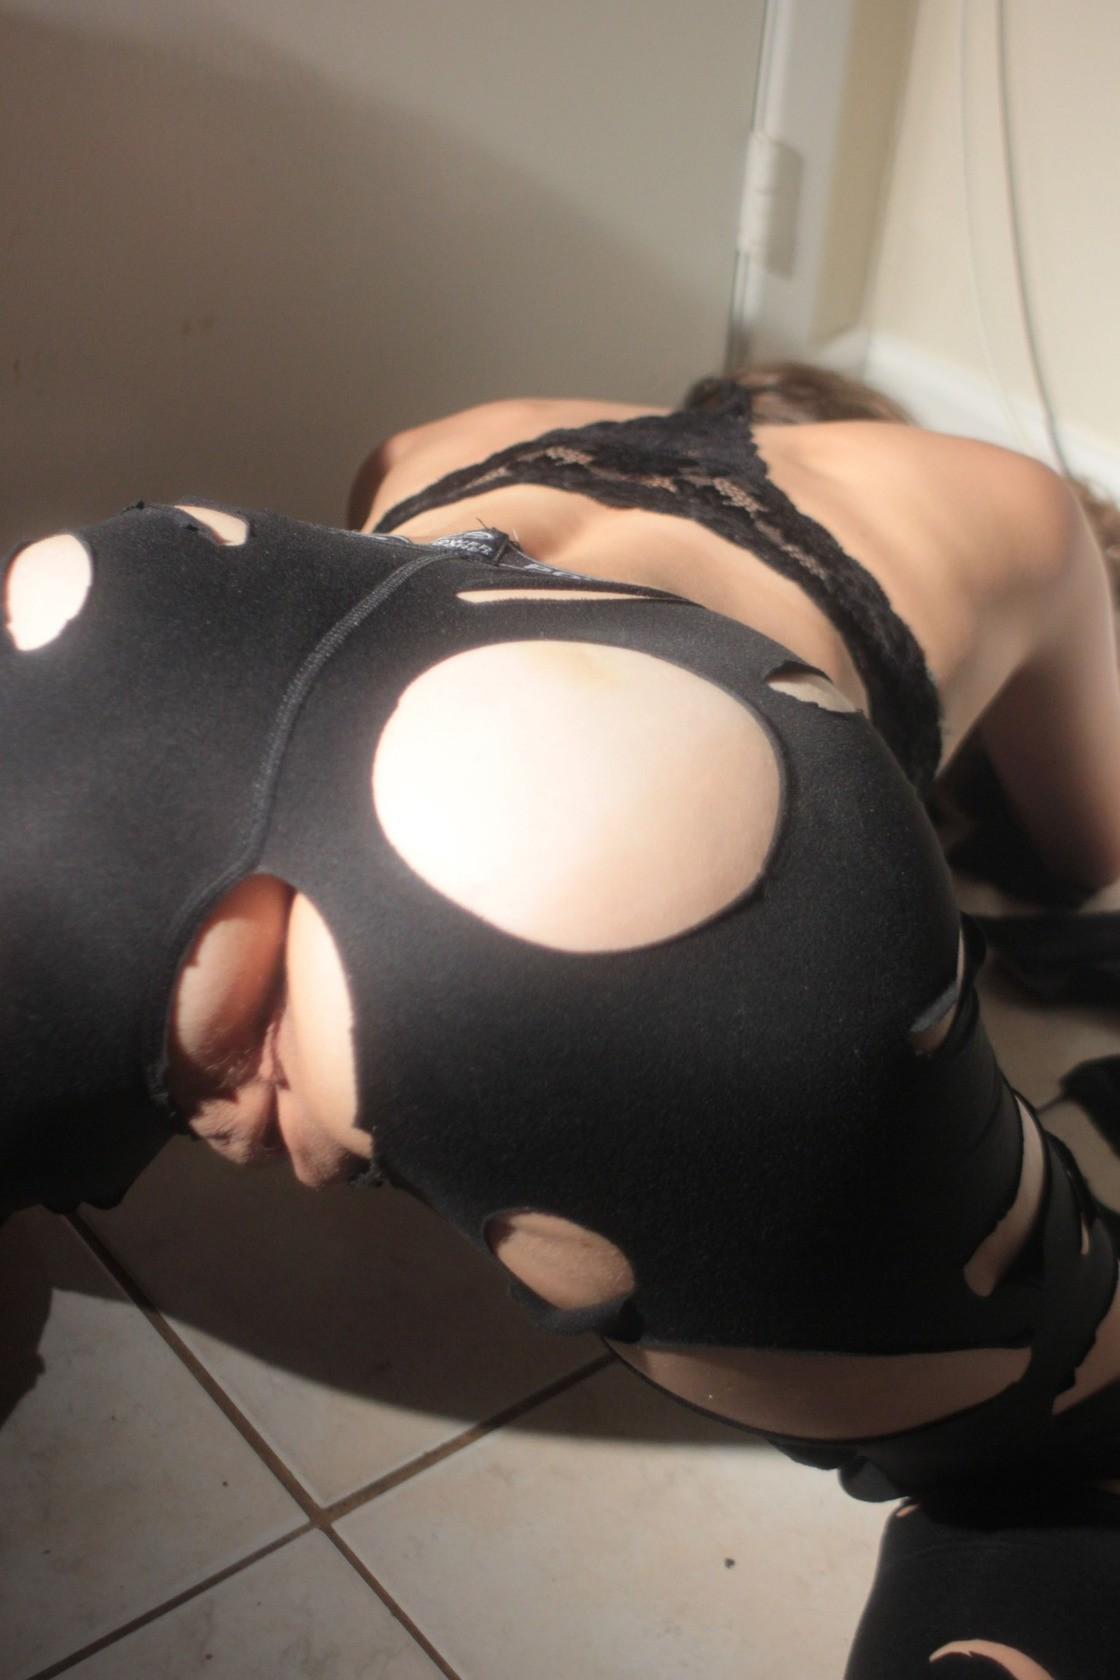 Буфера и обнаженная вагина стеснительной любовницы